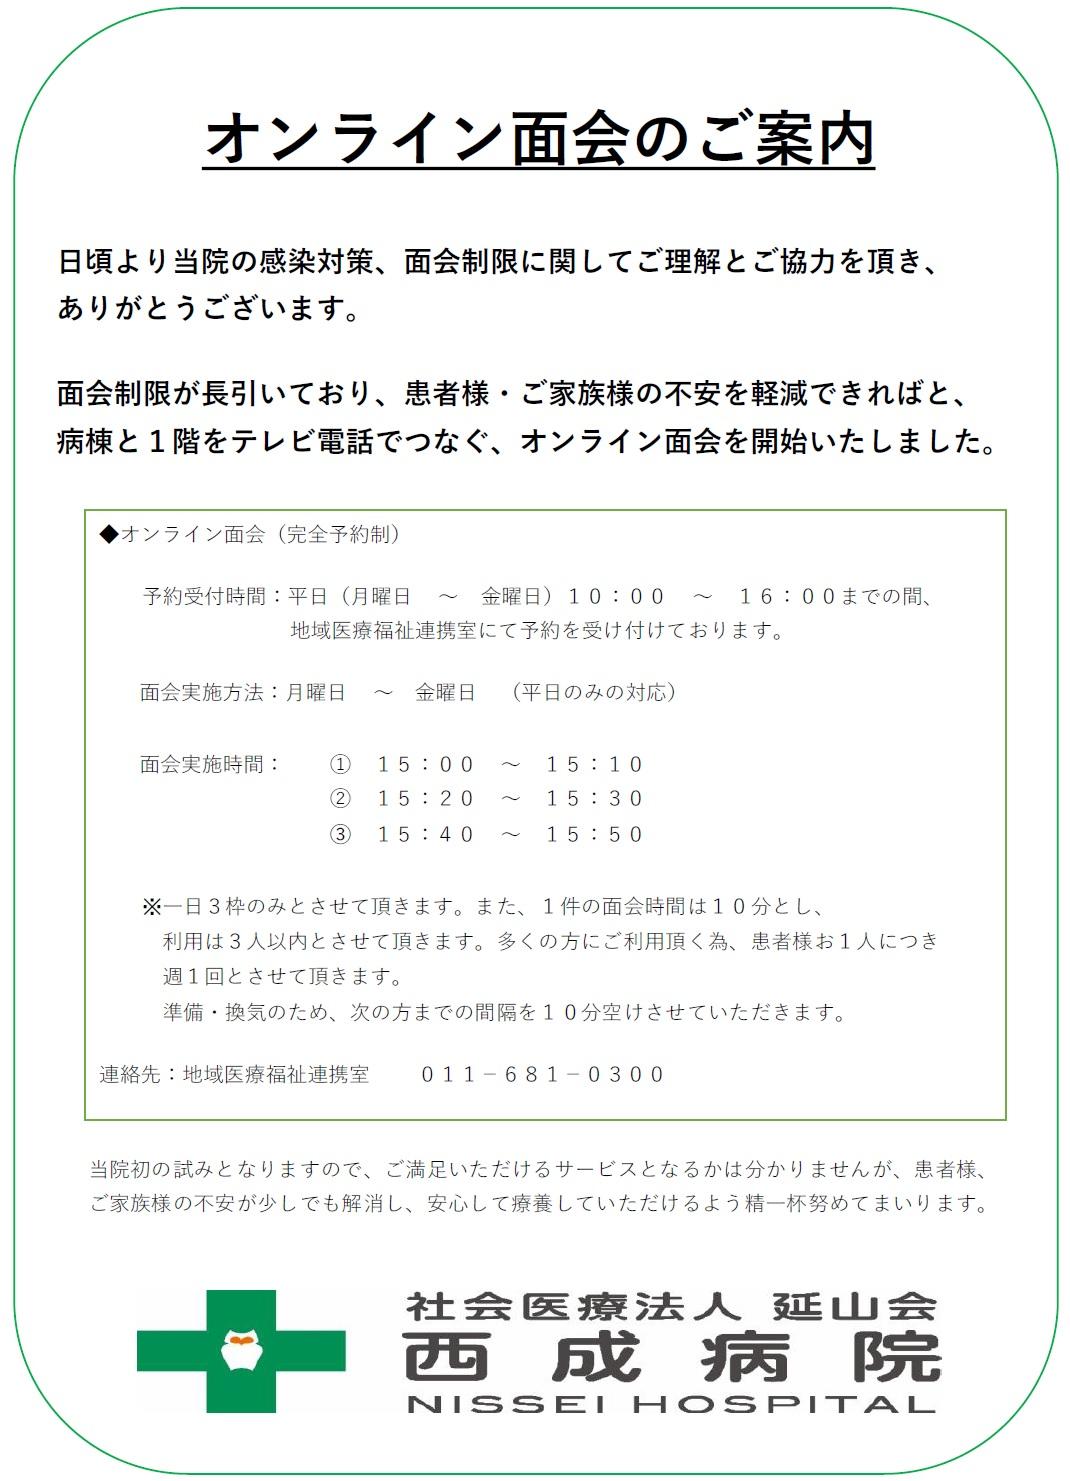 オンライン面会のご案内.jpg